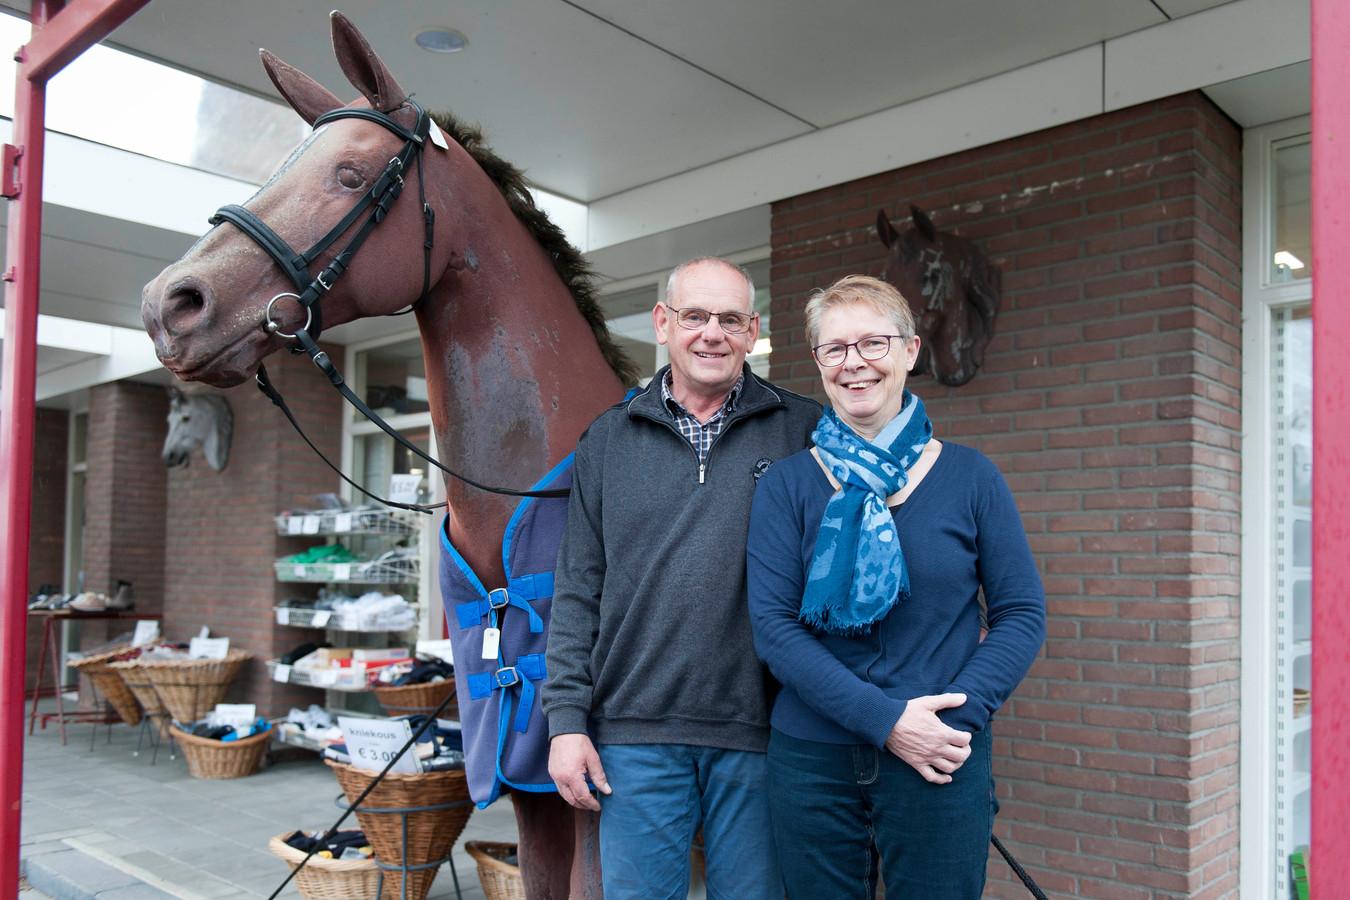 Gerard en Willemien Simons hebben hun bijzondere winkel ruim veertig jaar gerund en gaan nu van hun pensioen genieten.